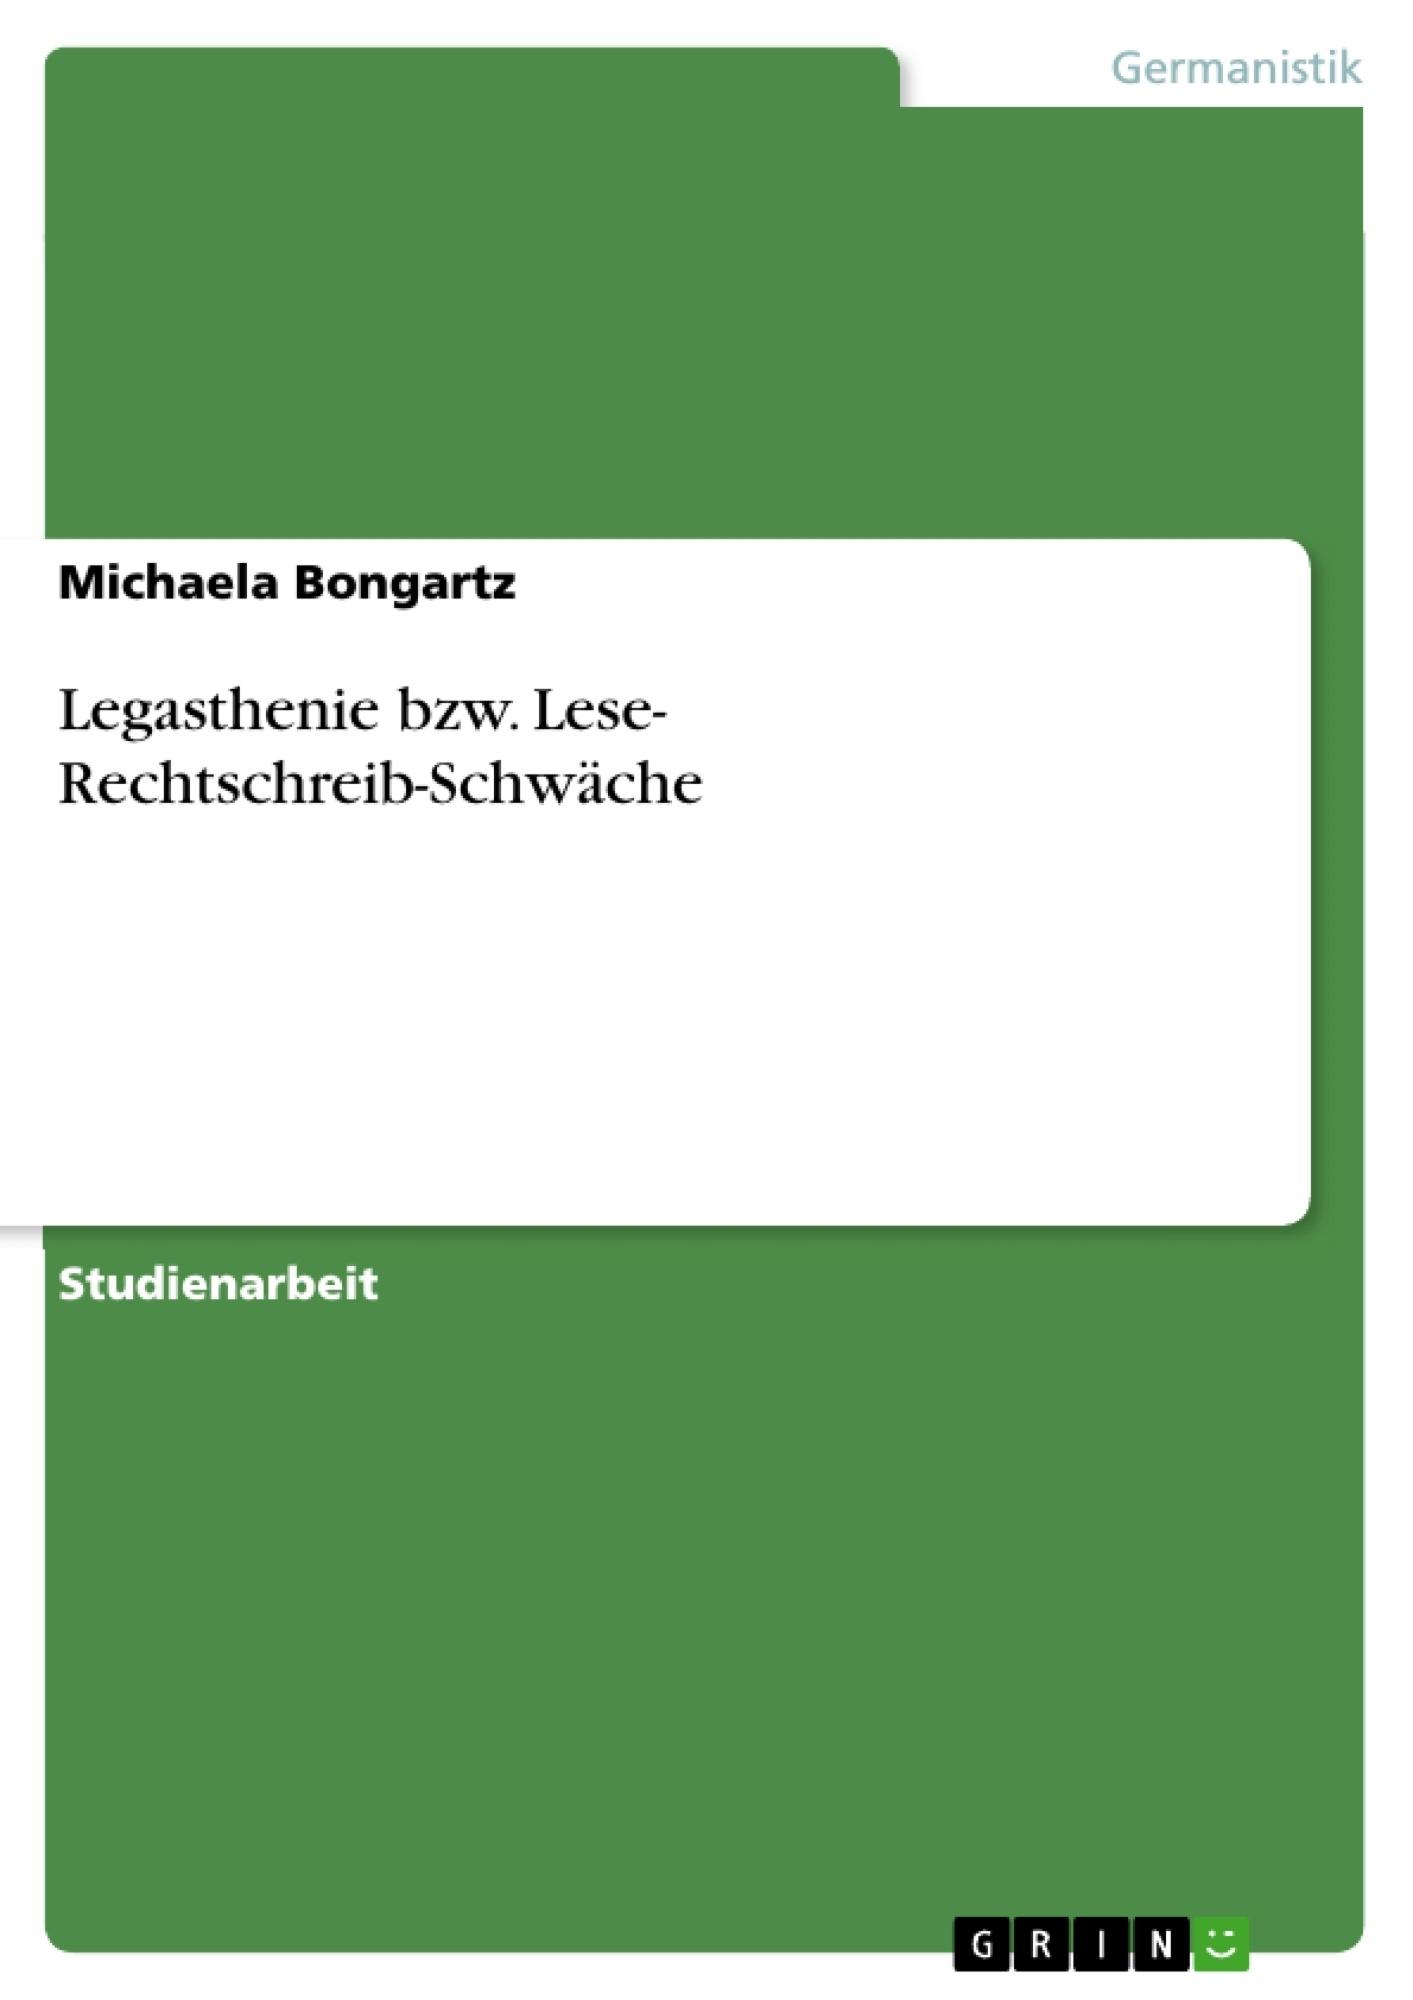 Titel: Legasthenie bzw. Lese- Rechtschreib-Schwäche